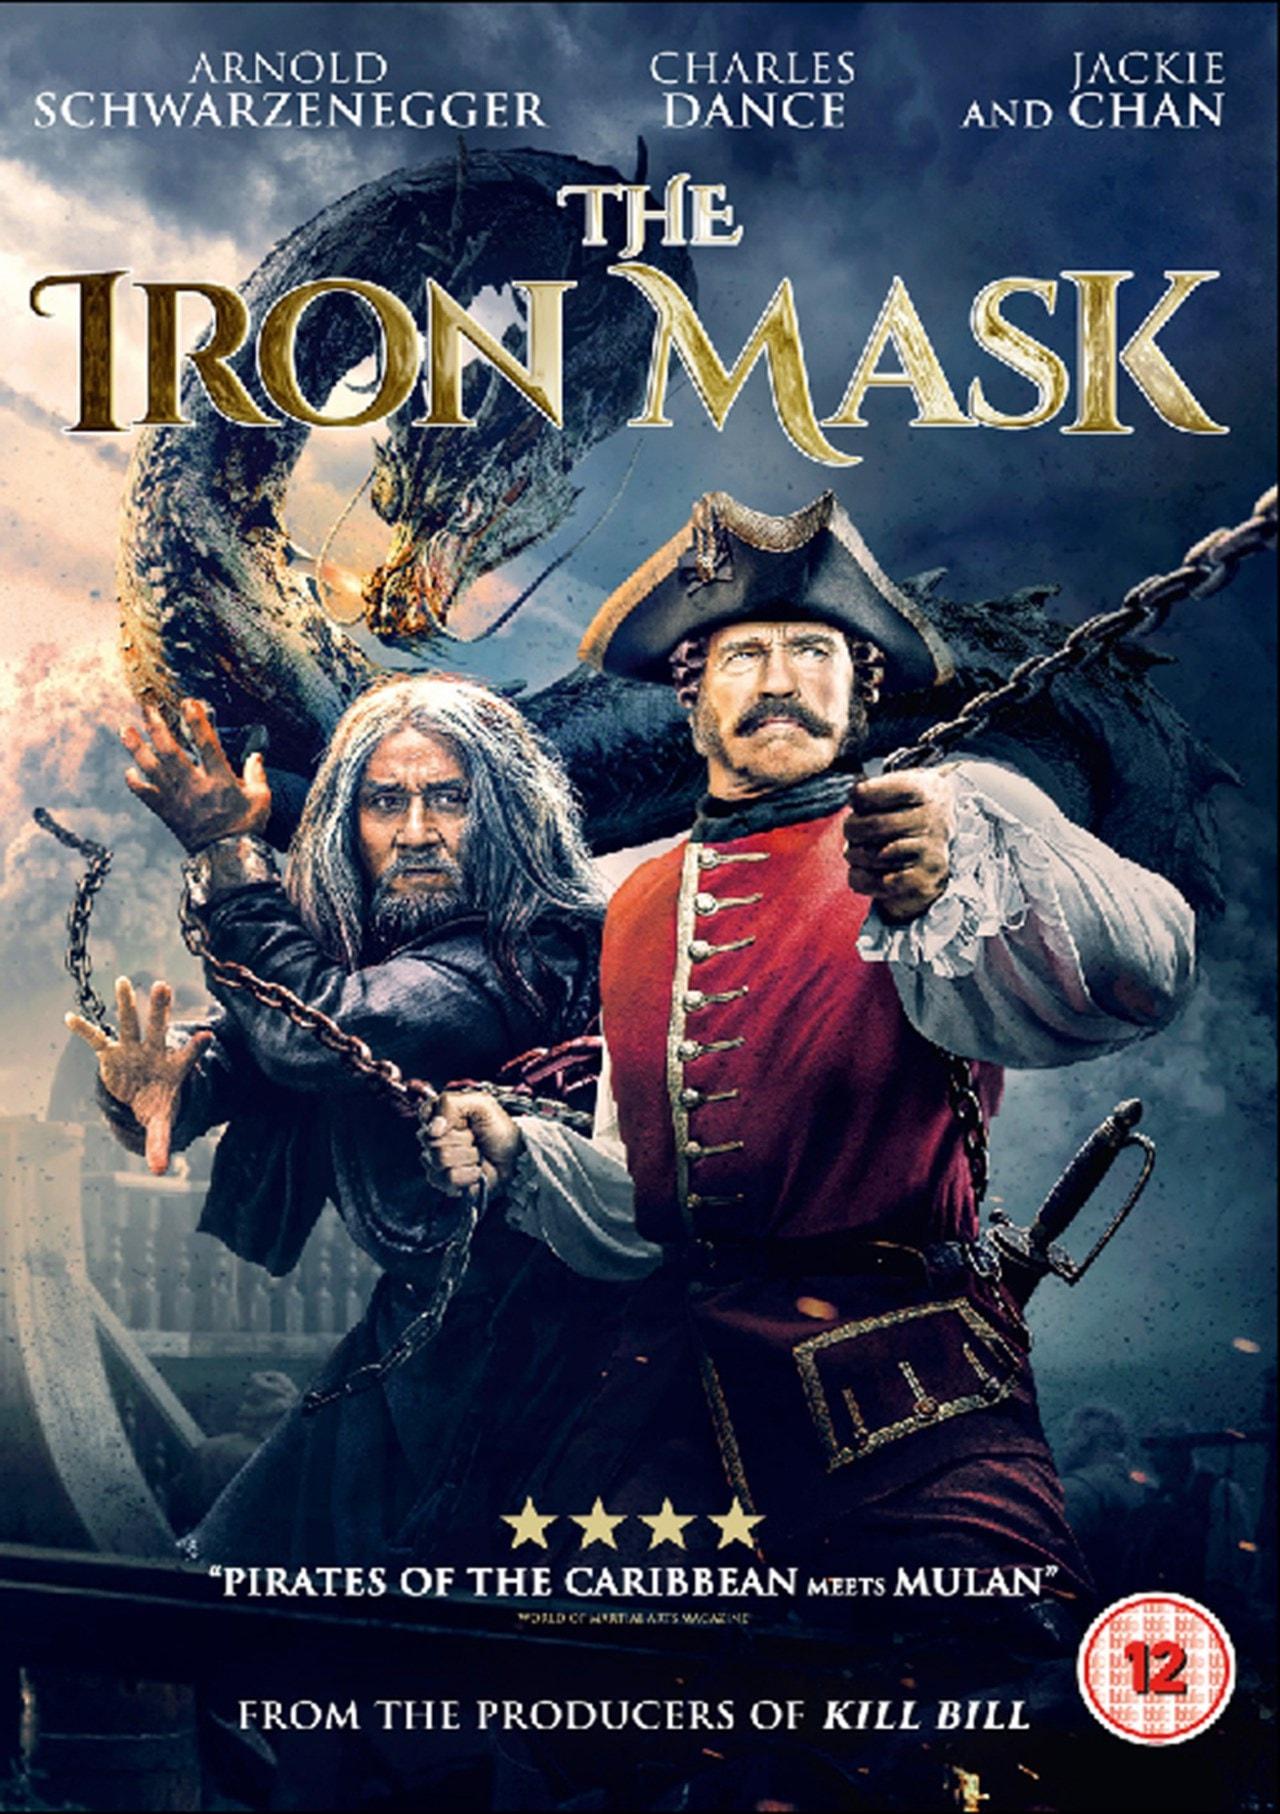 The Iron Mask - 1